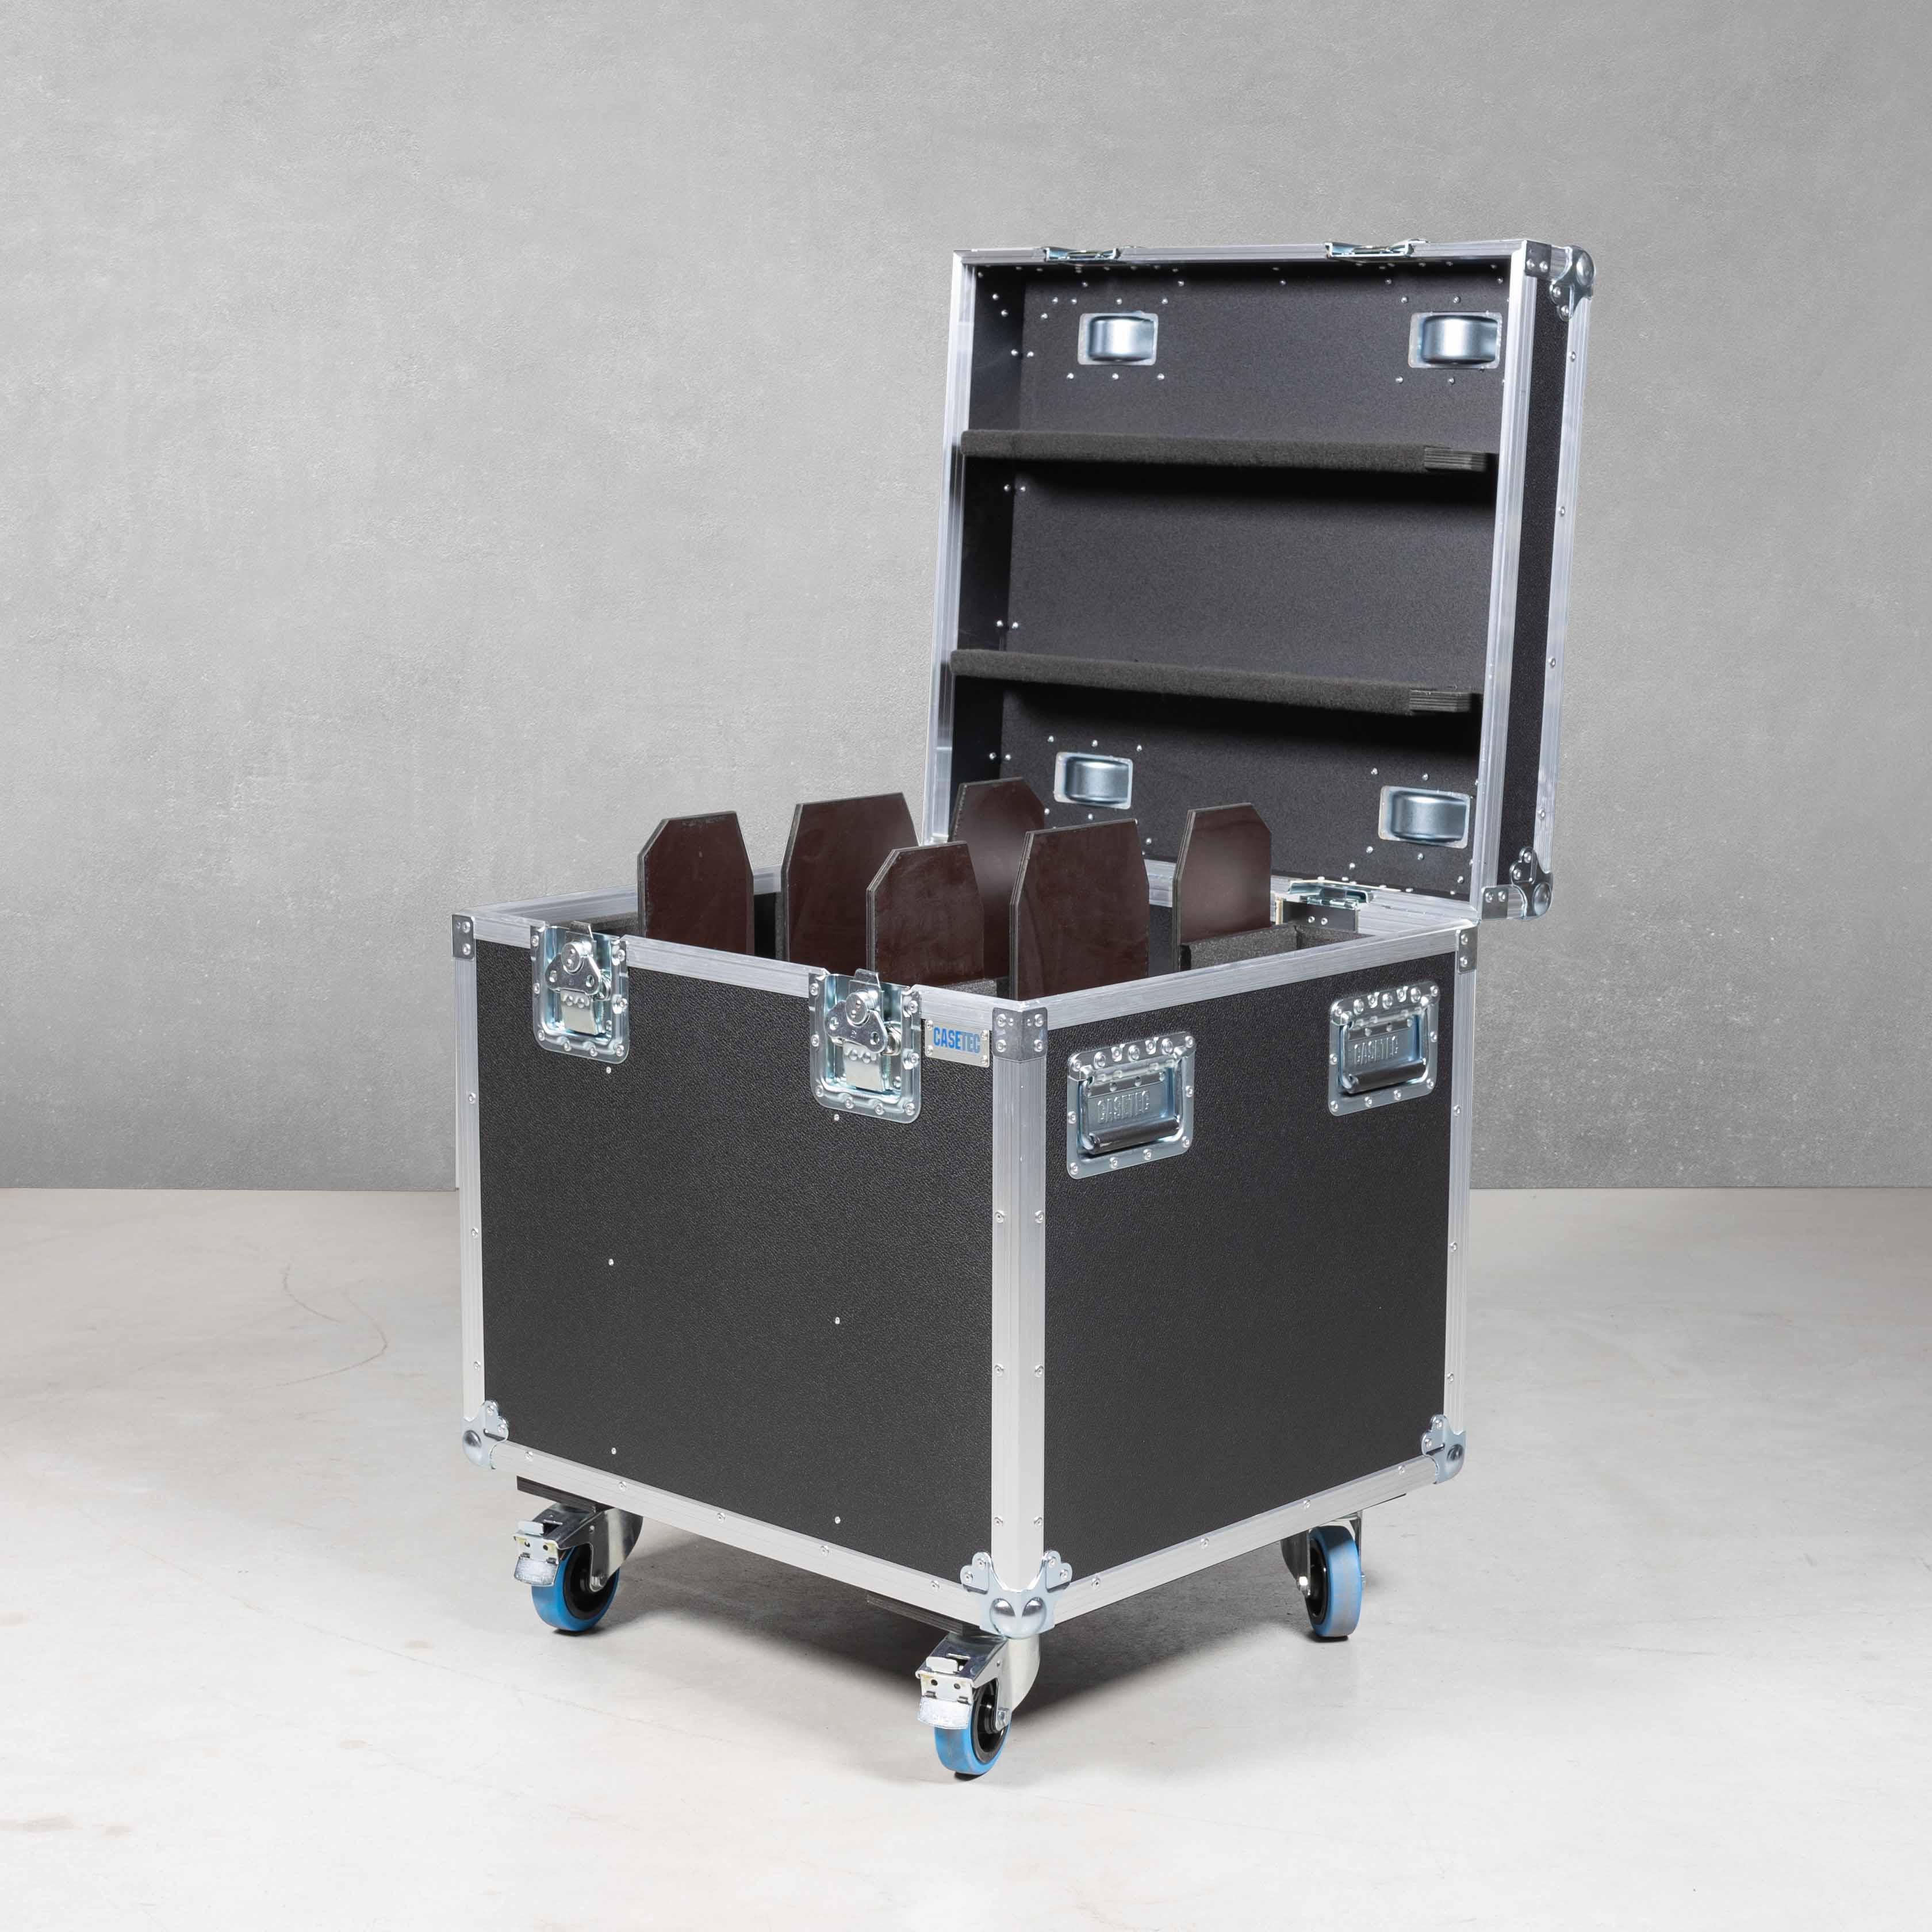 Flightcase für 2x Prolights EclPANEL TWC JR (M.O / P.O)